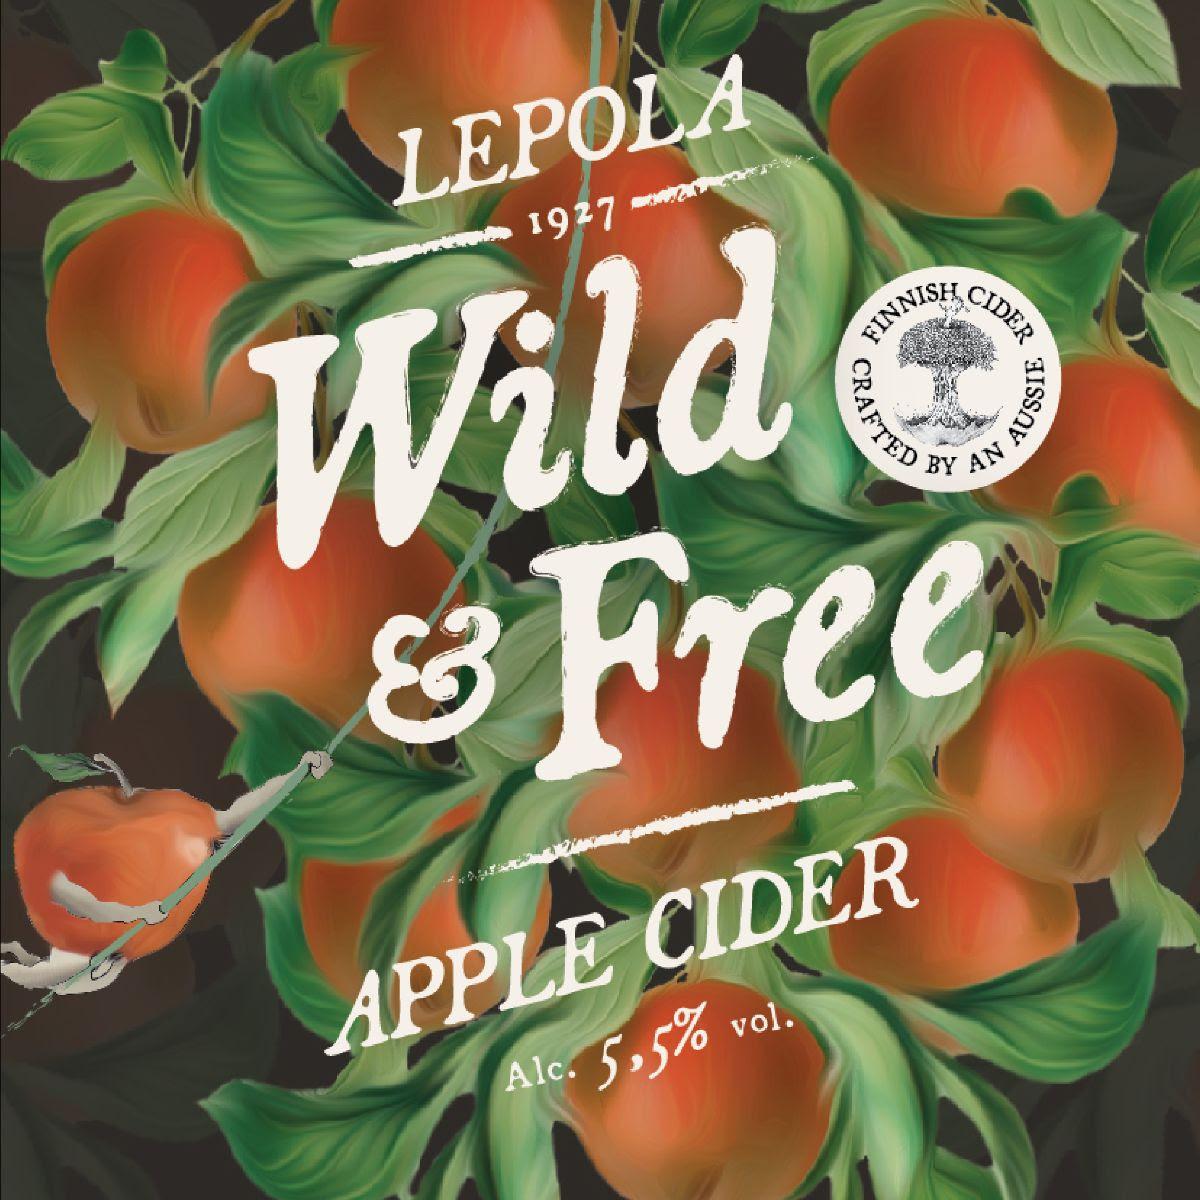 Lepola Wild & Free Apple Cider 5,5% - 0,33l bottle